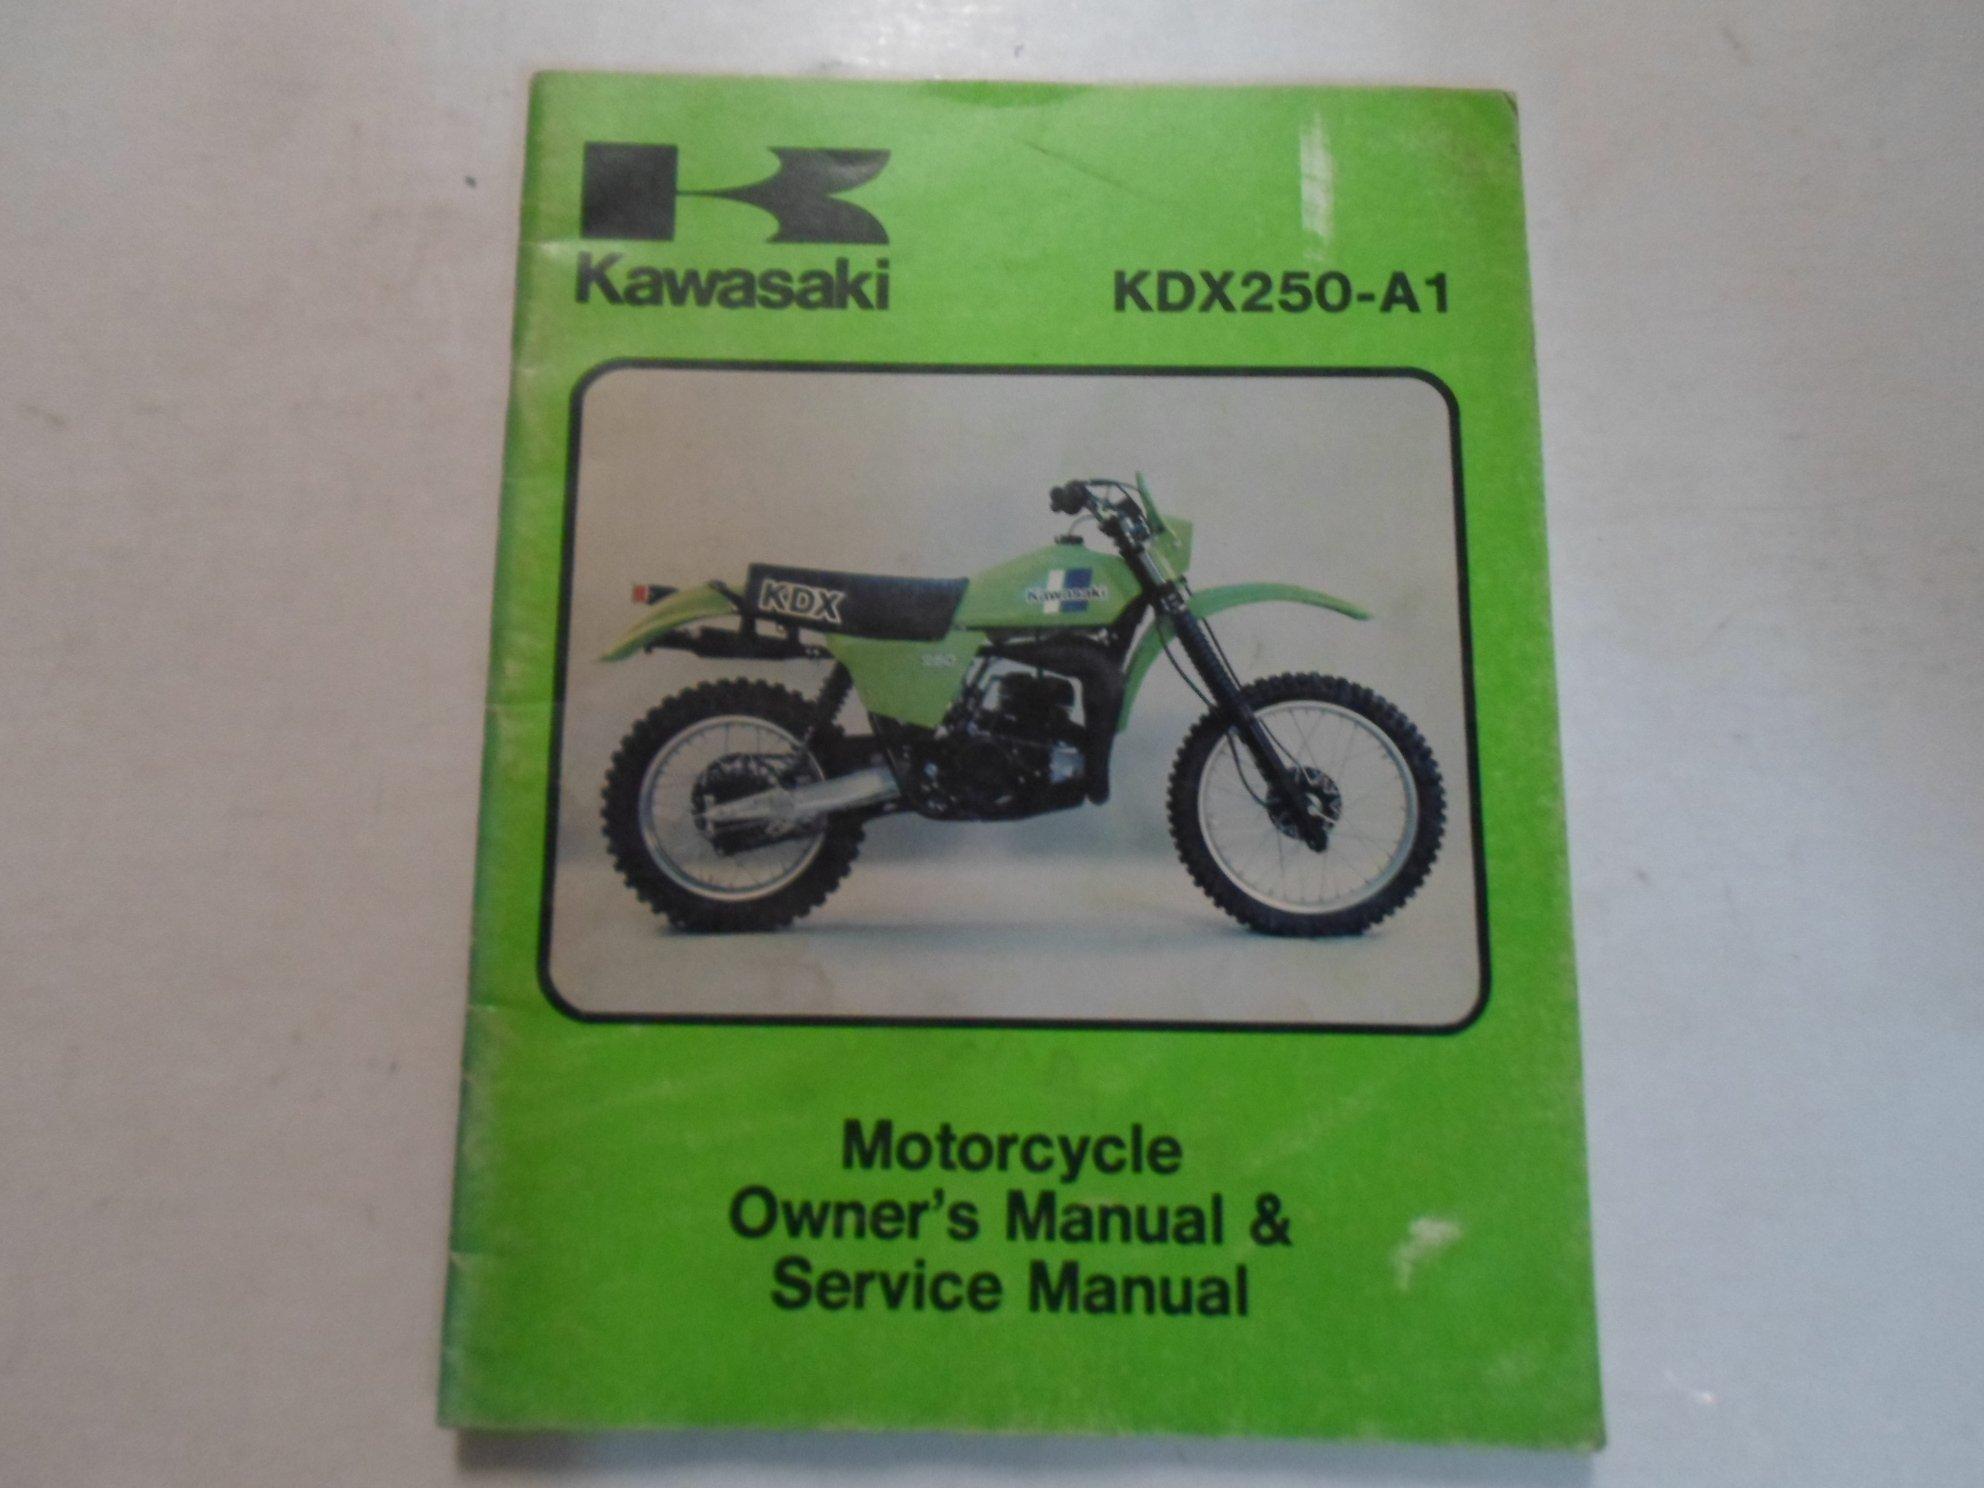 1980 kawasaki kdx250 a 1 motorcycle owners manual service manual rh amazon com kawasaki kx 250 f 2009 service manual kawasaki kx 250 f 2009 service manual